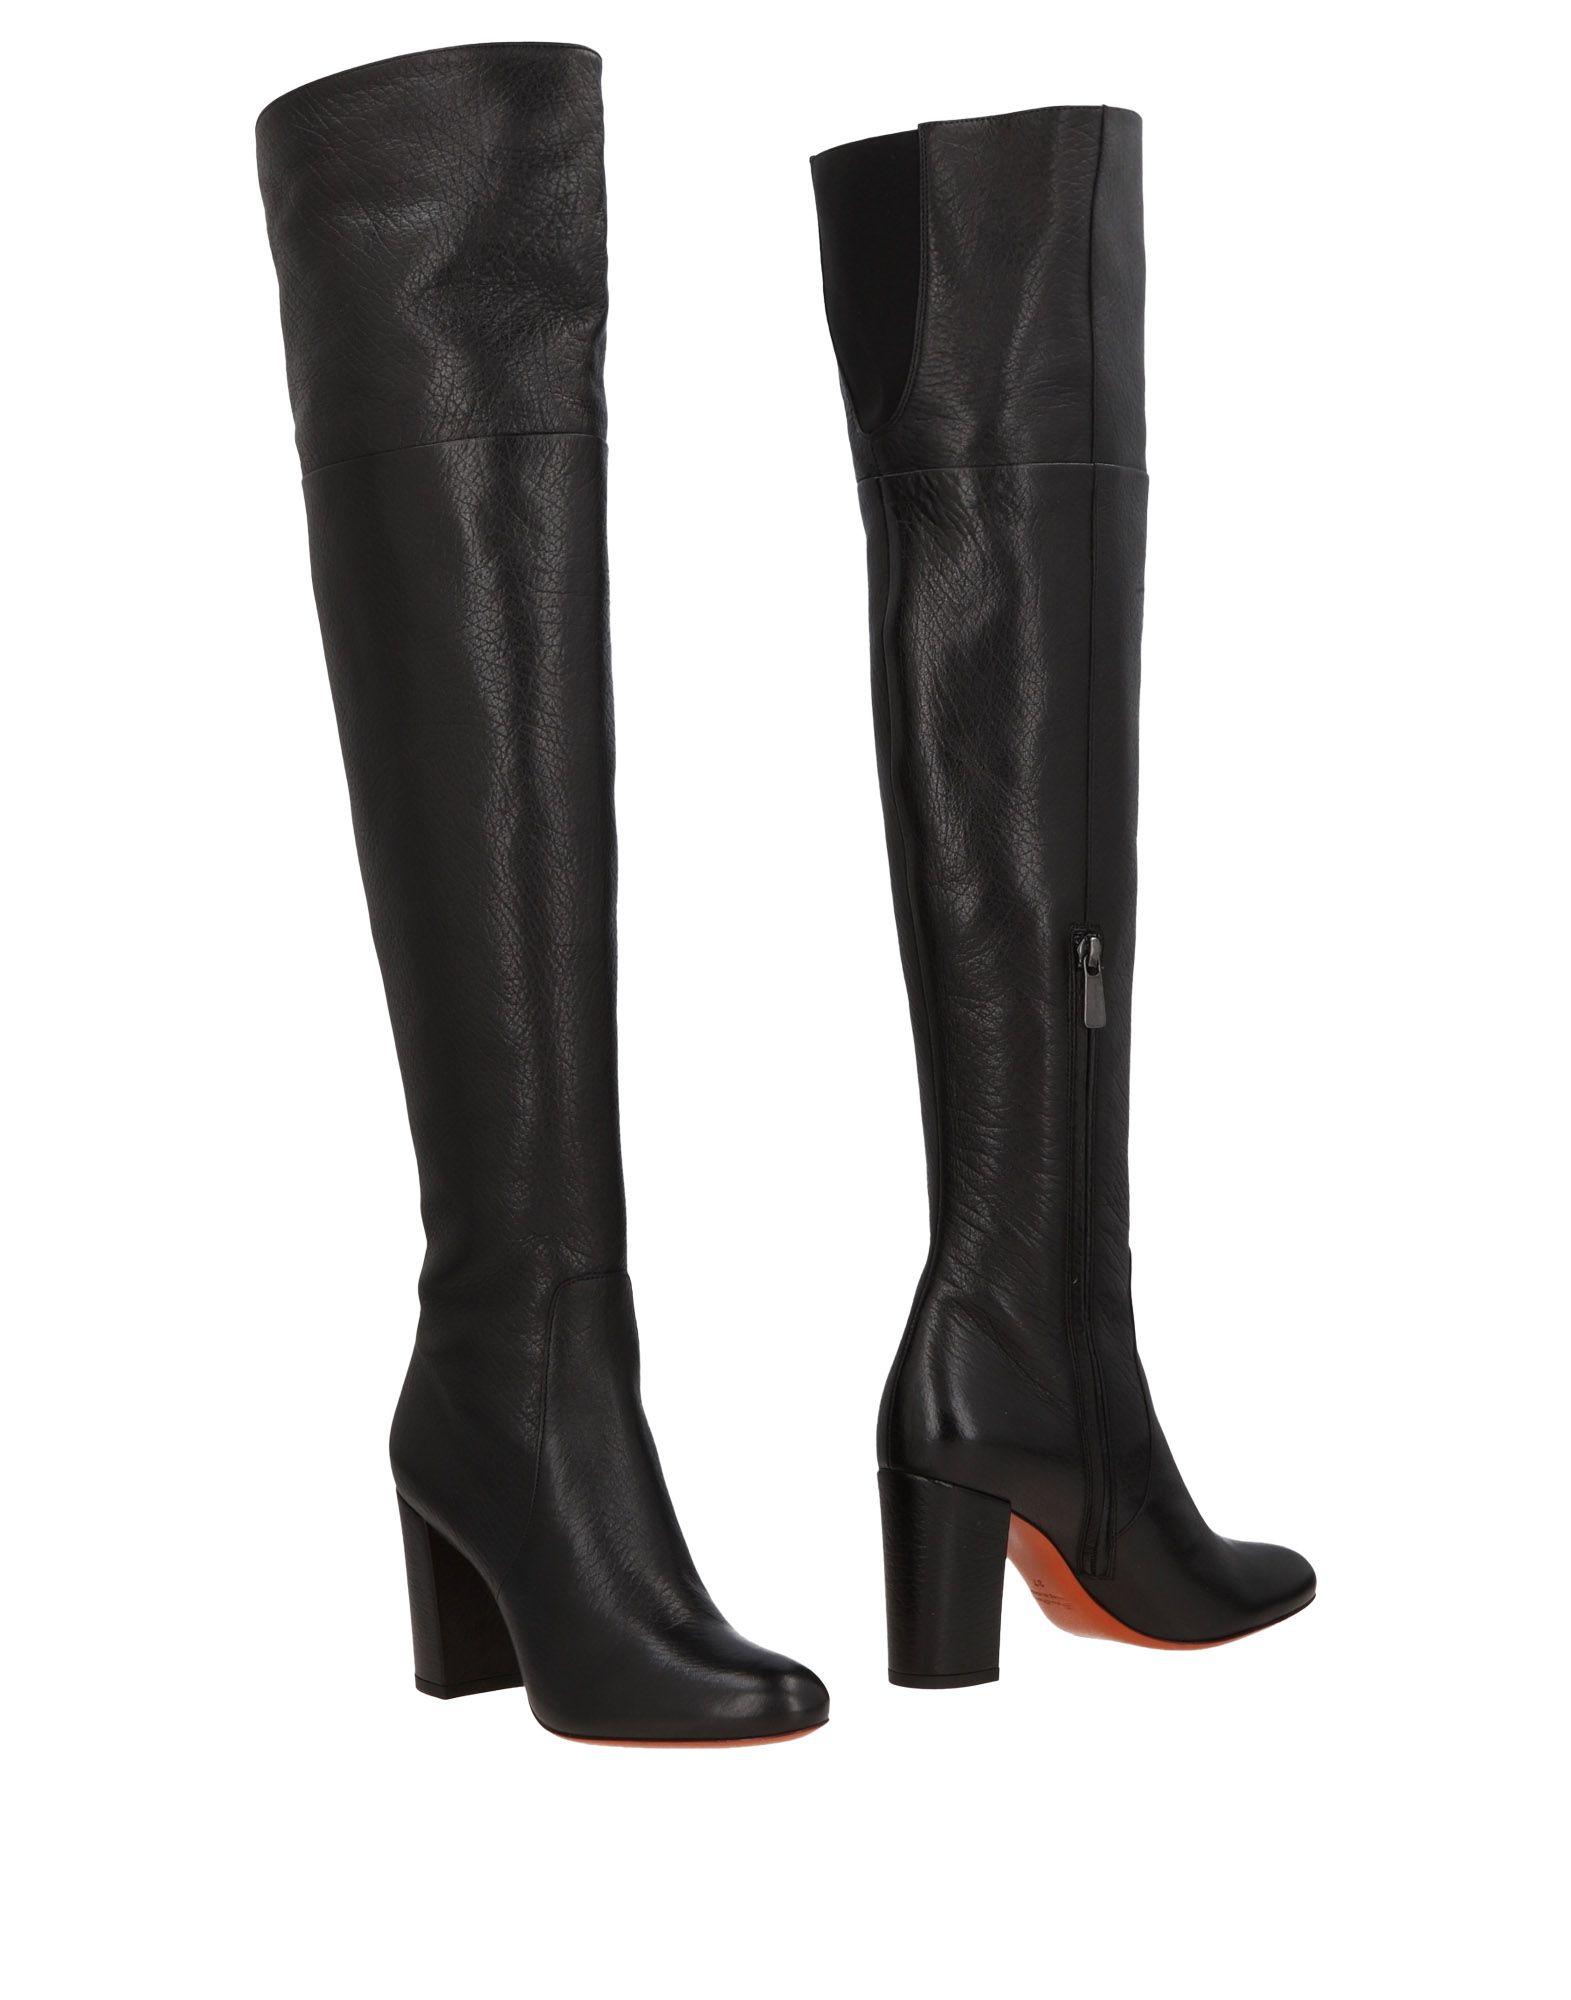 Scarpe Stivali economiche e resistenti Moda Stivali Scarpe Santoni Donna b1765a